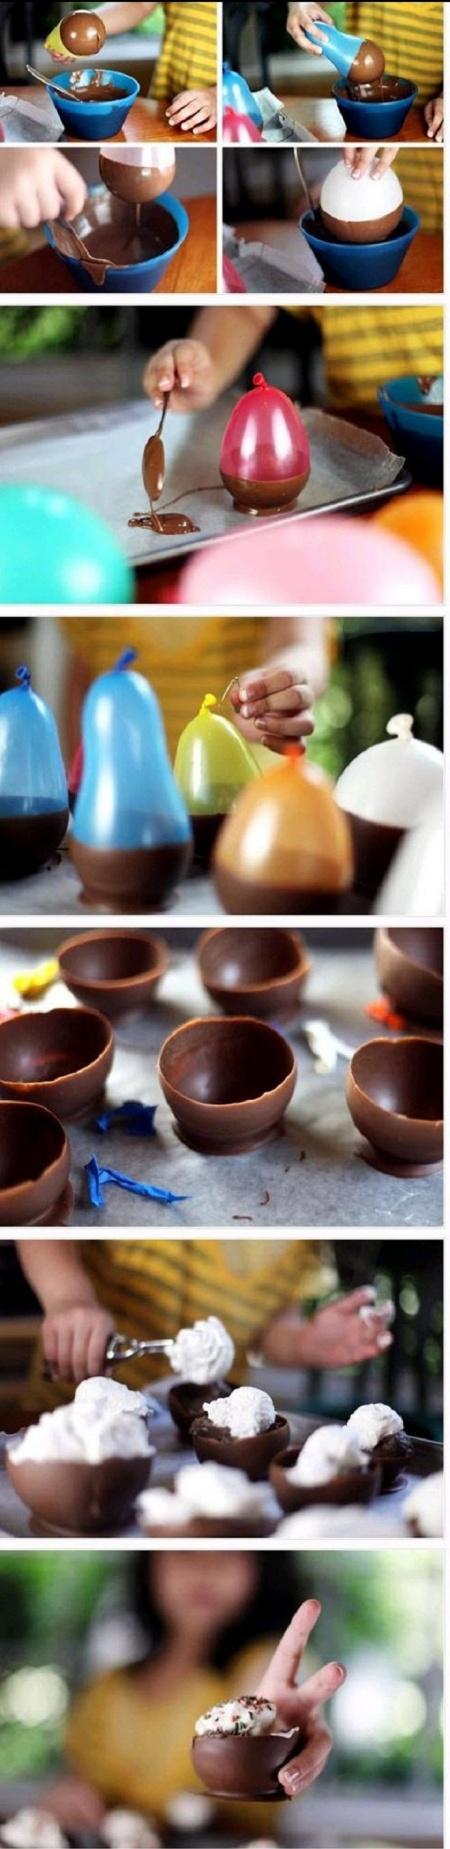 08-cones-chocolate